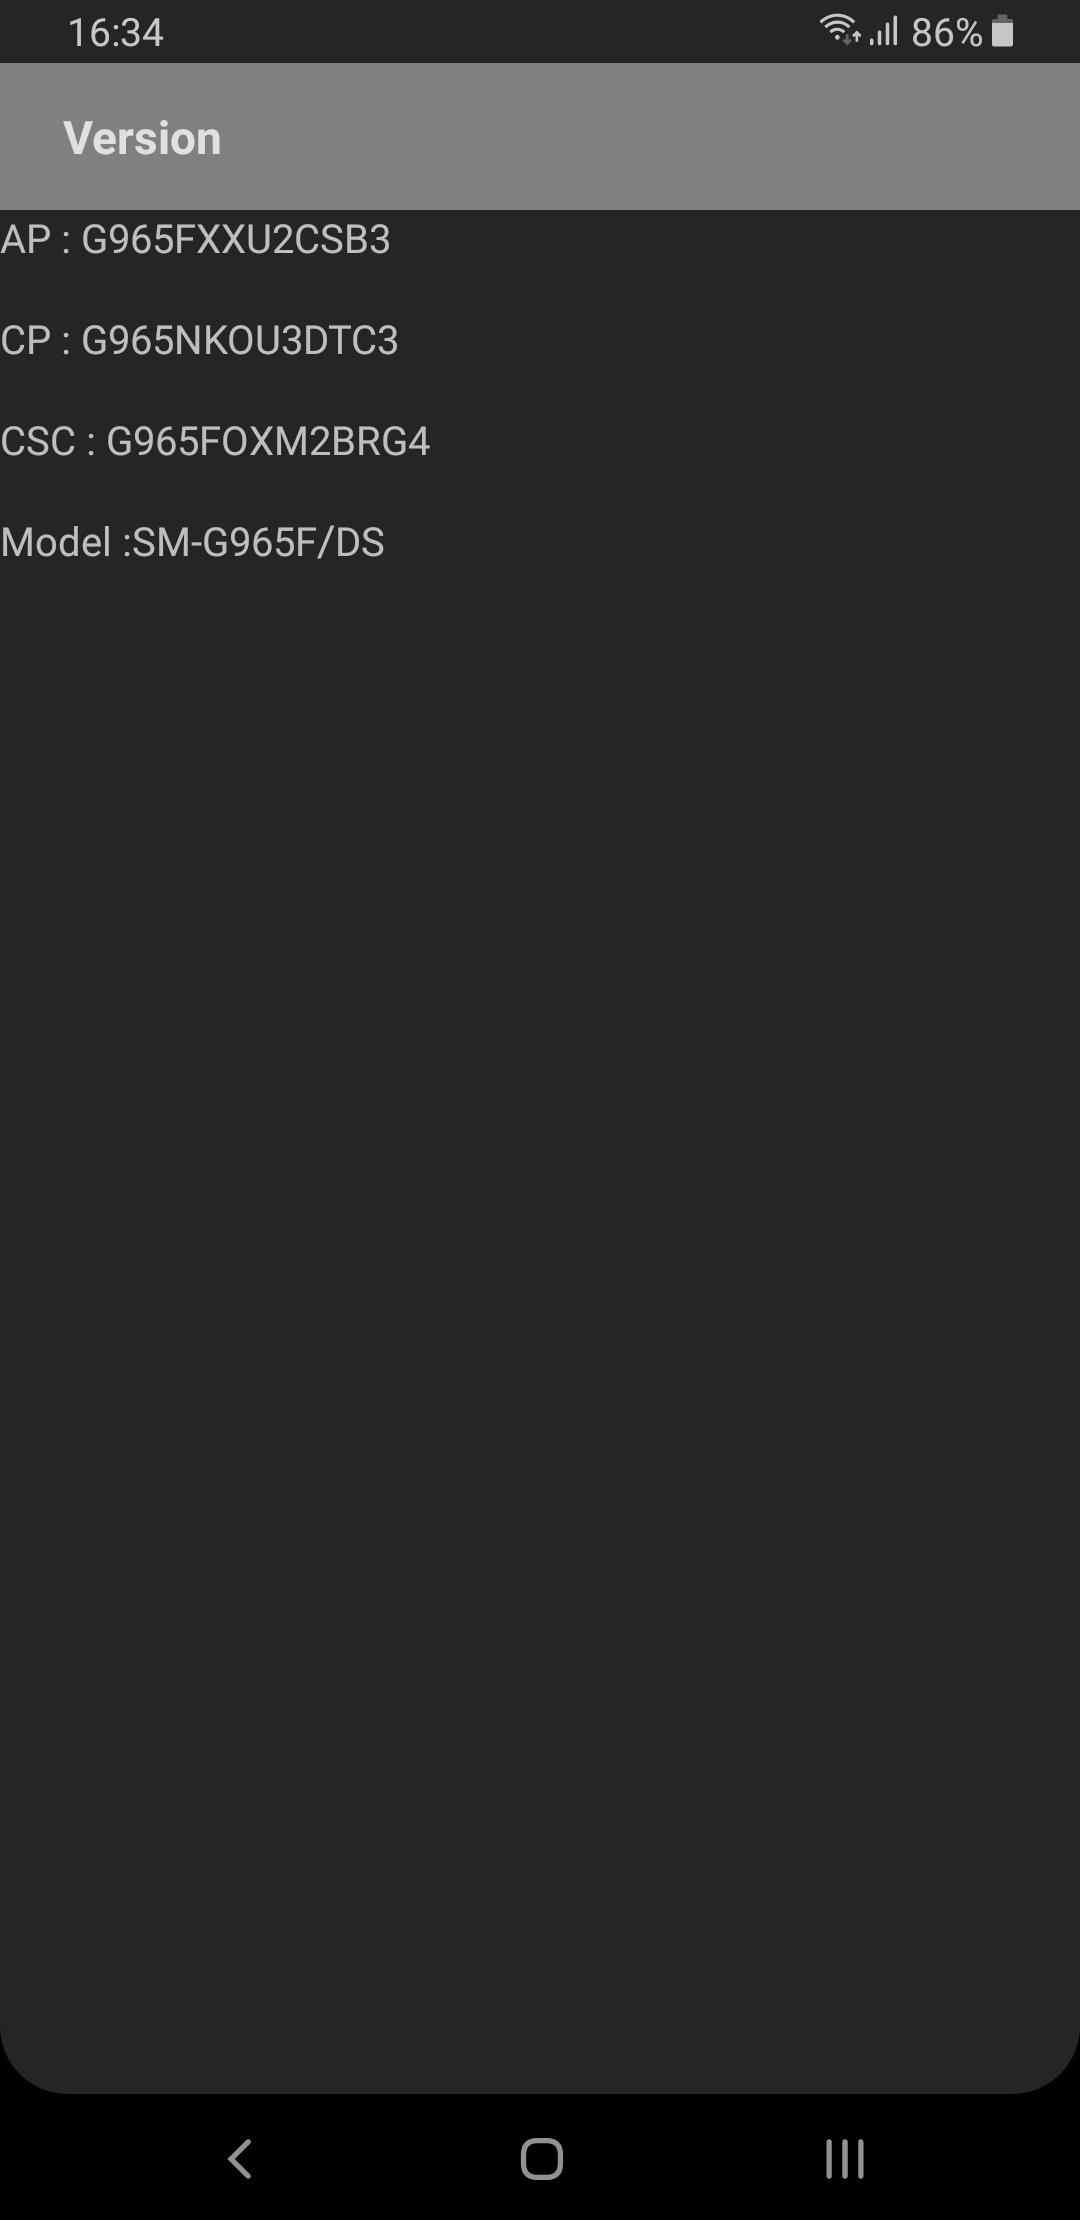 Screenshot_20210205-163423_DeviceKeystring.jpg